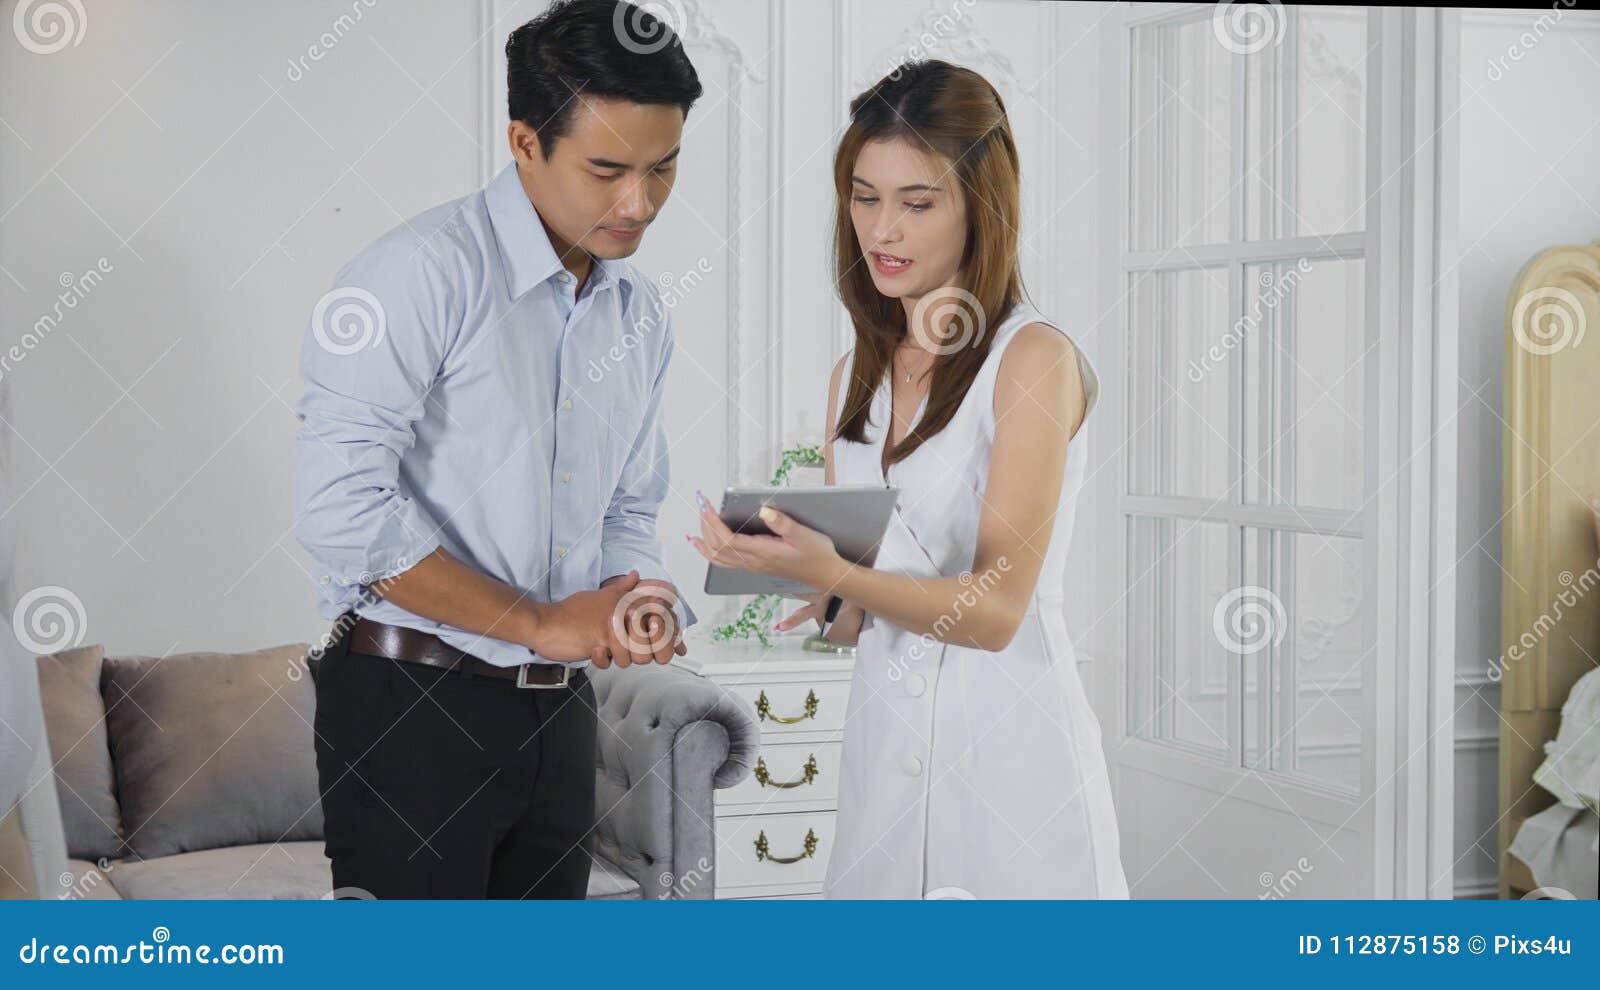 Dating Kunden und KundenDating-Websites kostenlos in chennai